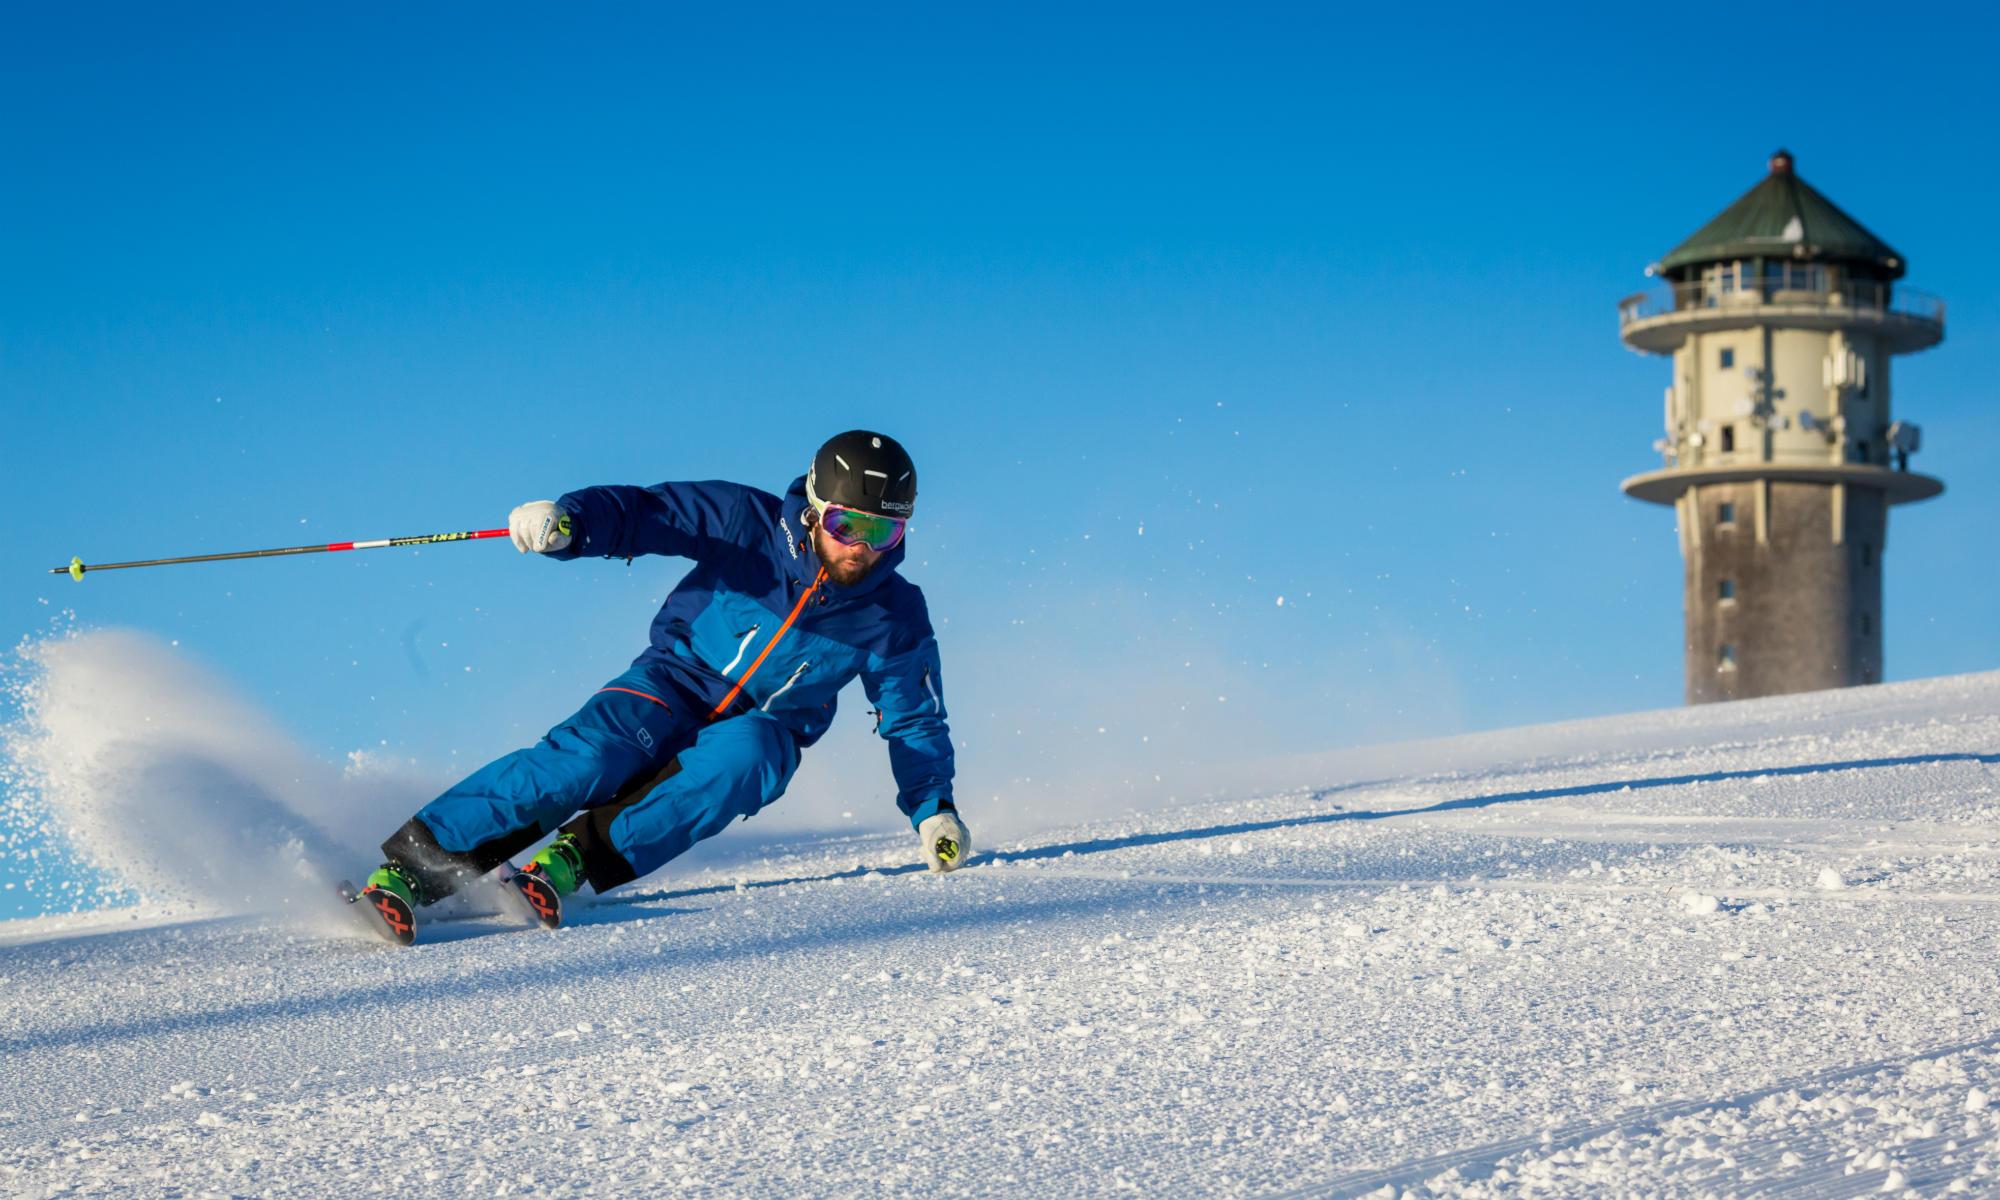 Skifahrer auf einer sonnigen Piste am Feldberg im Schwarzwald.